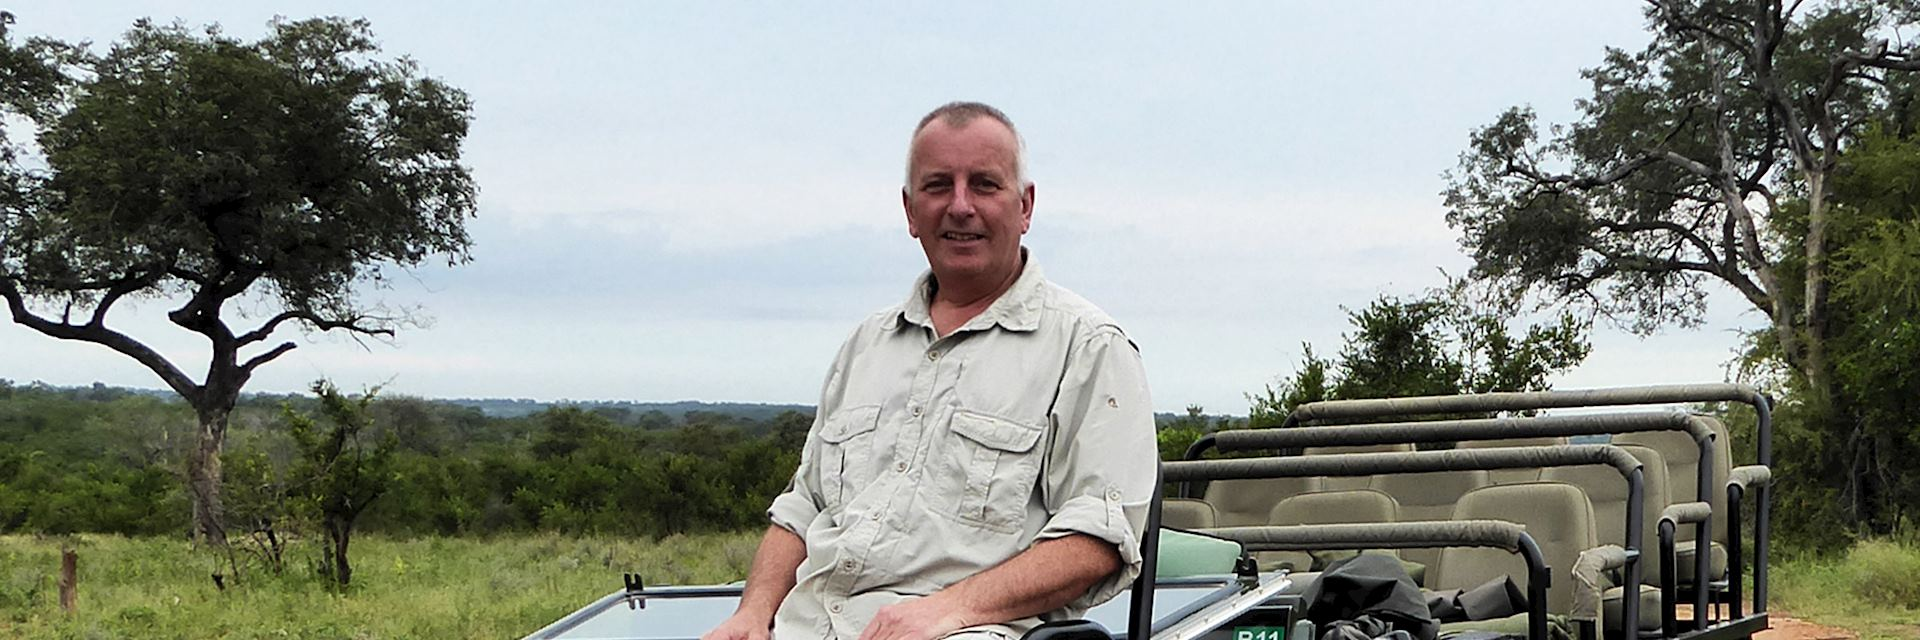 Alan at Sabi Sands, South Africa